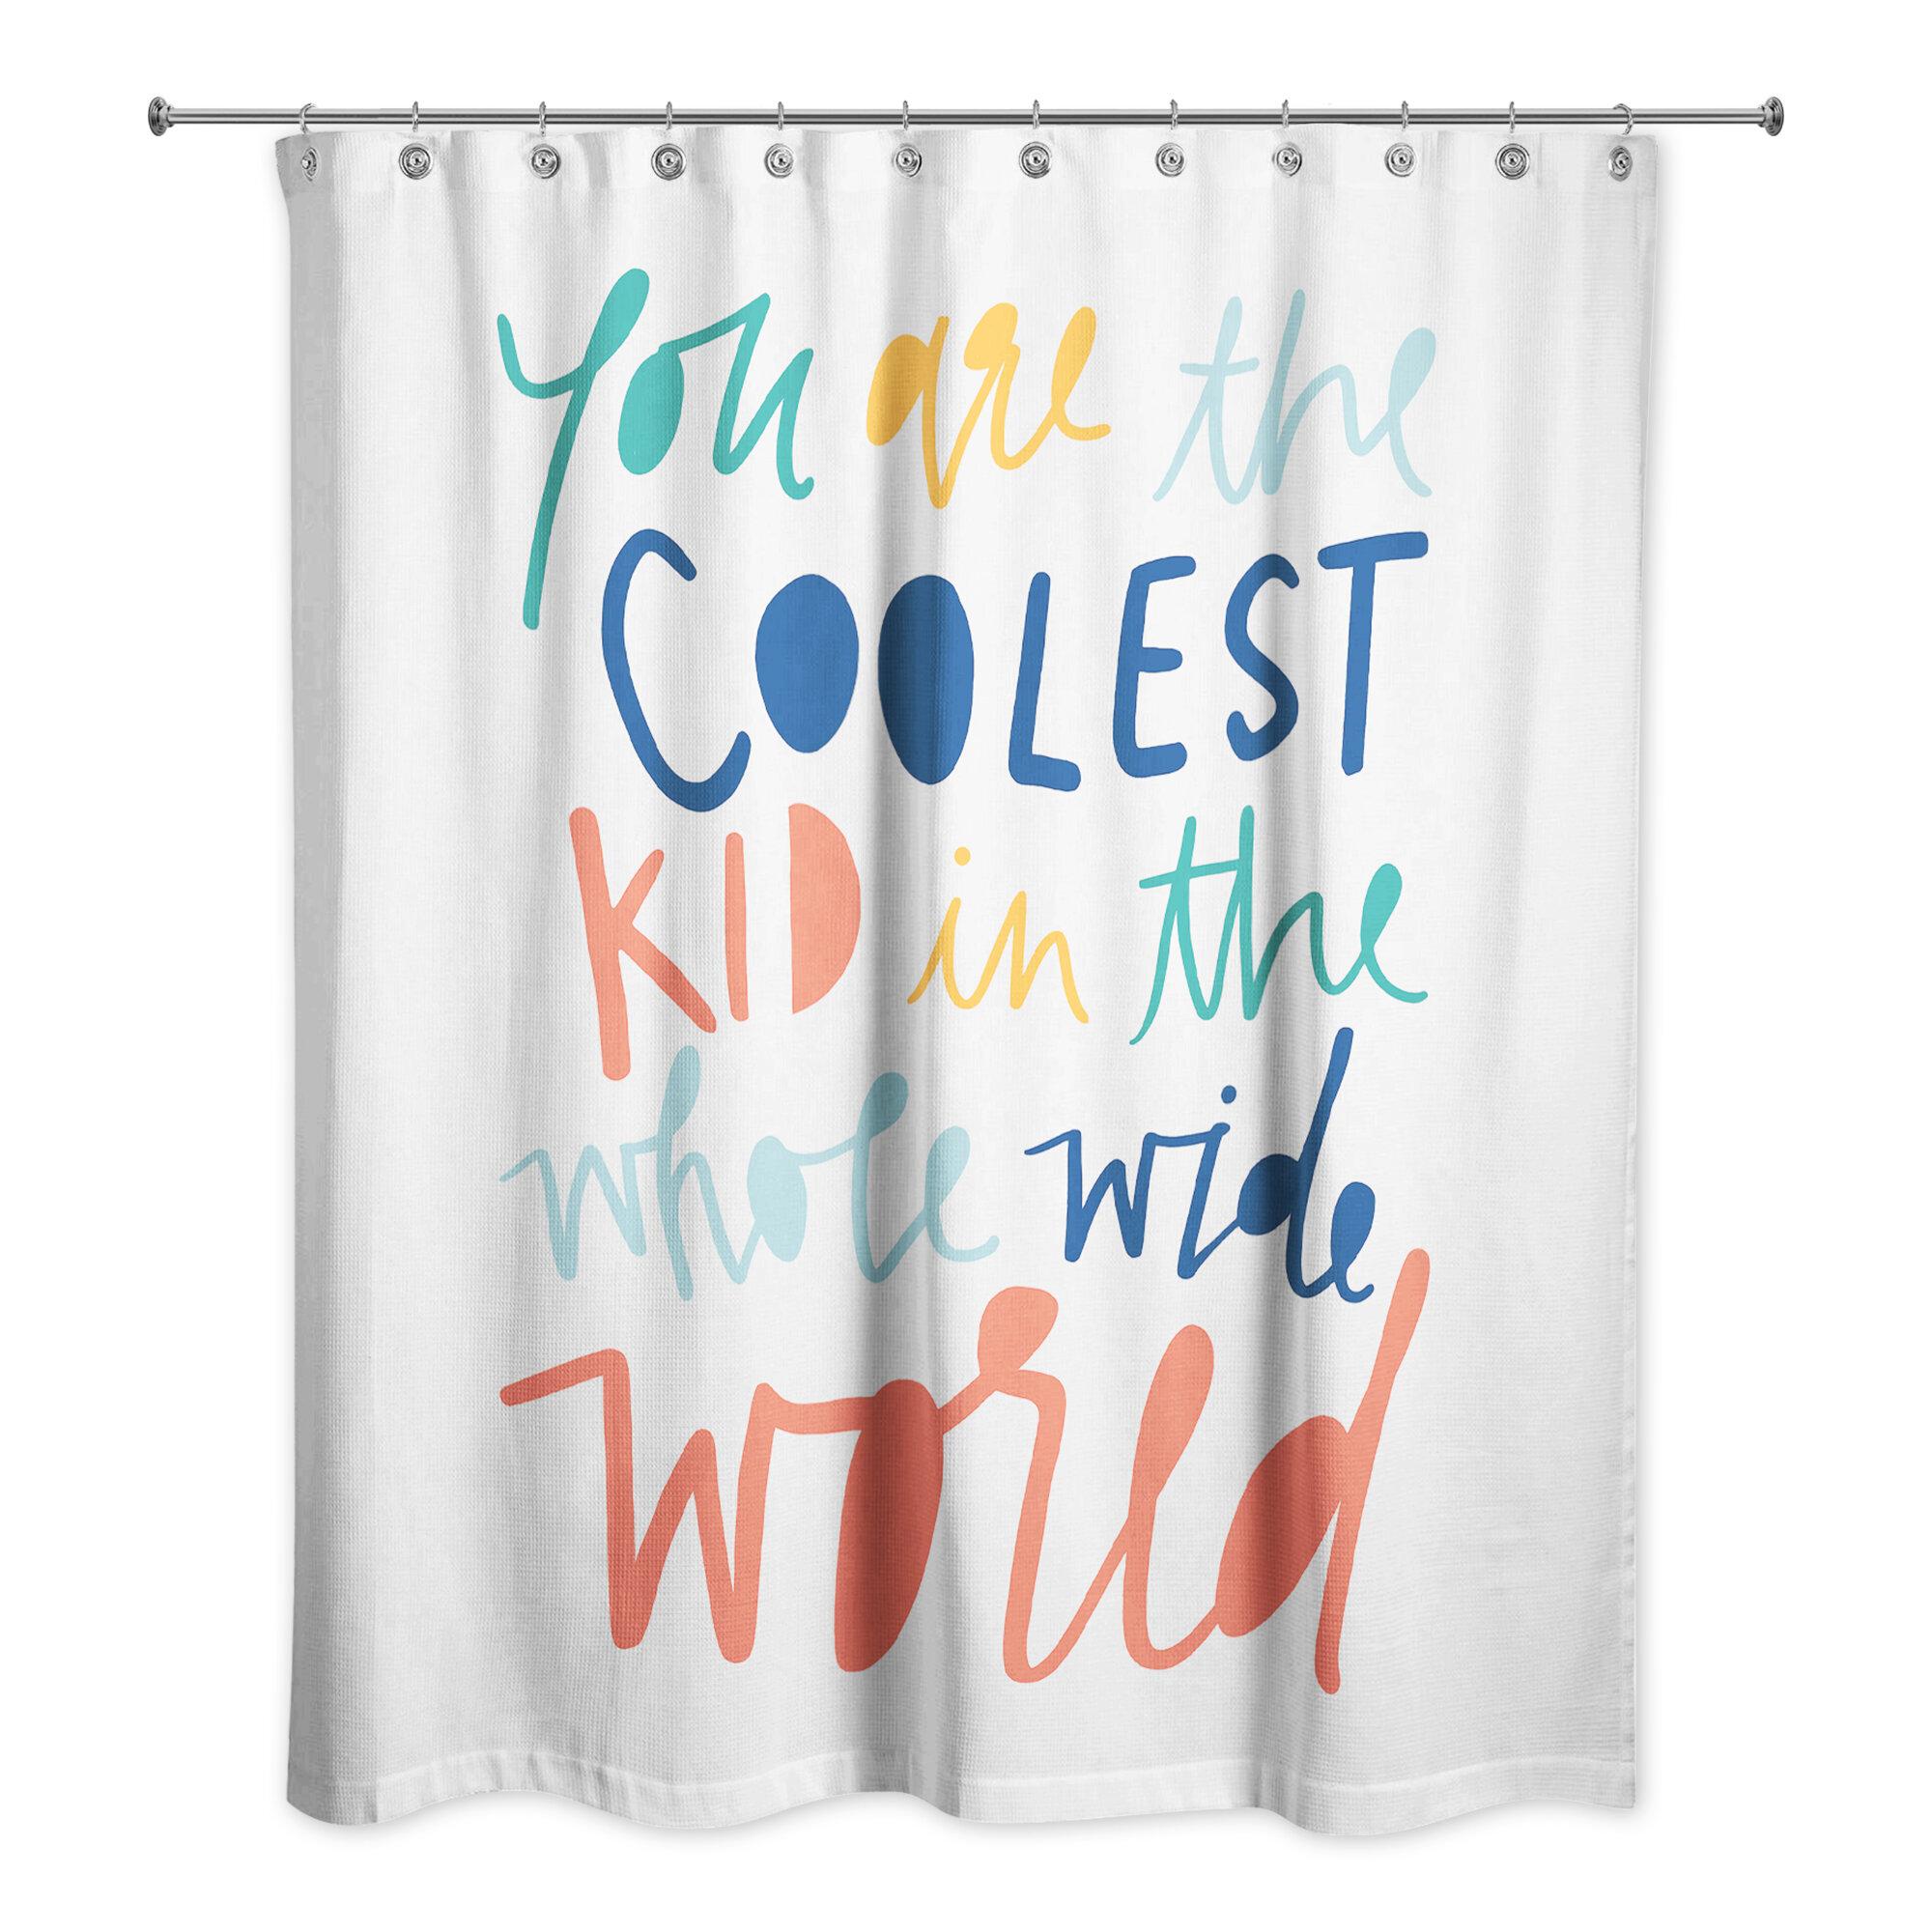 Viv Rae Saul Kid Single Shower Curtain Reviews Wayfair